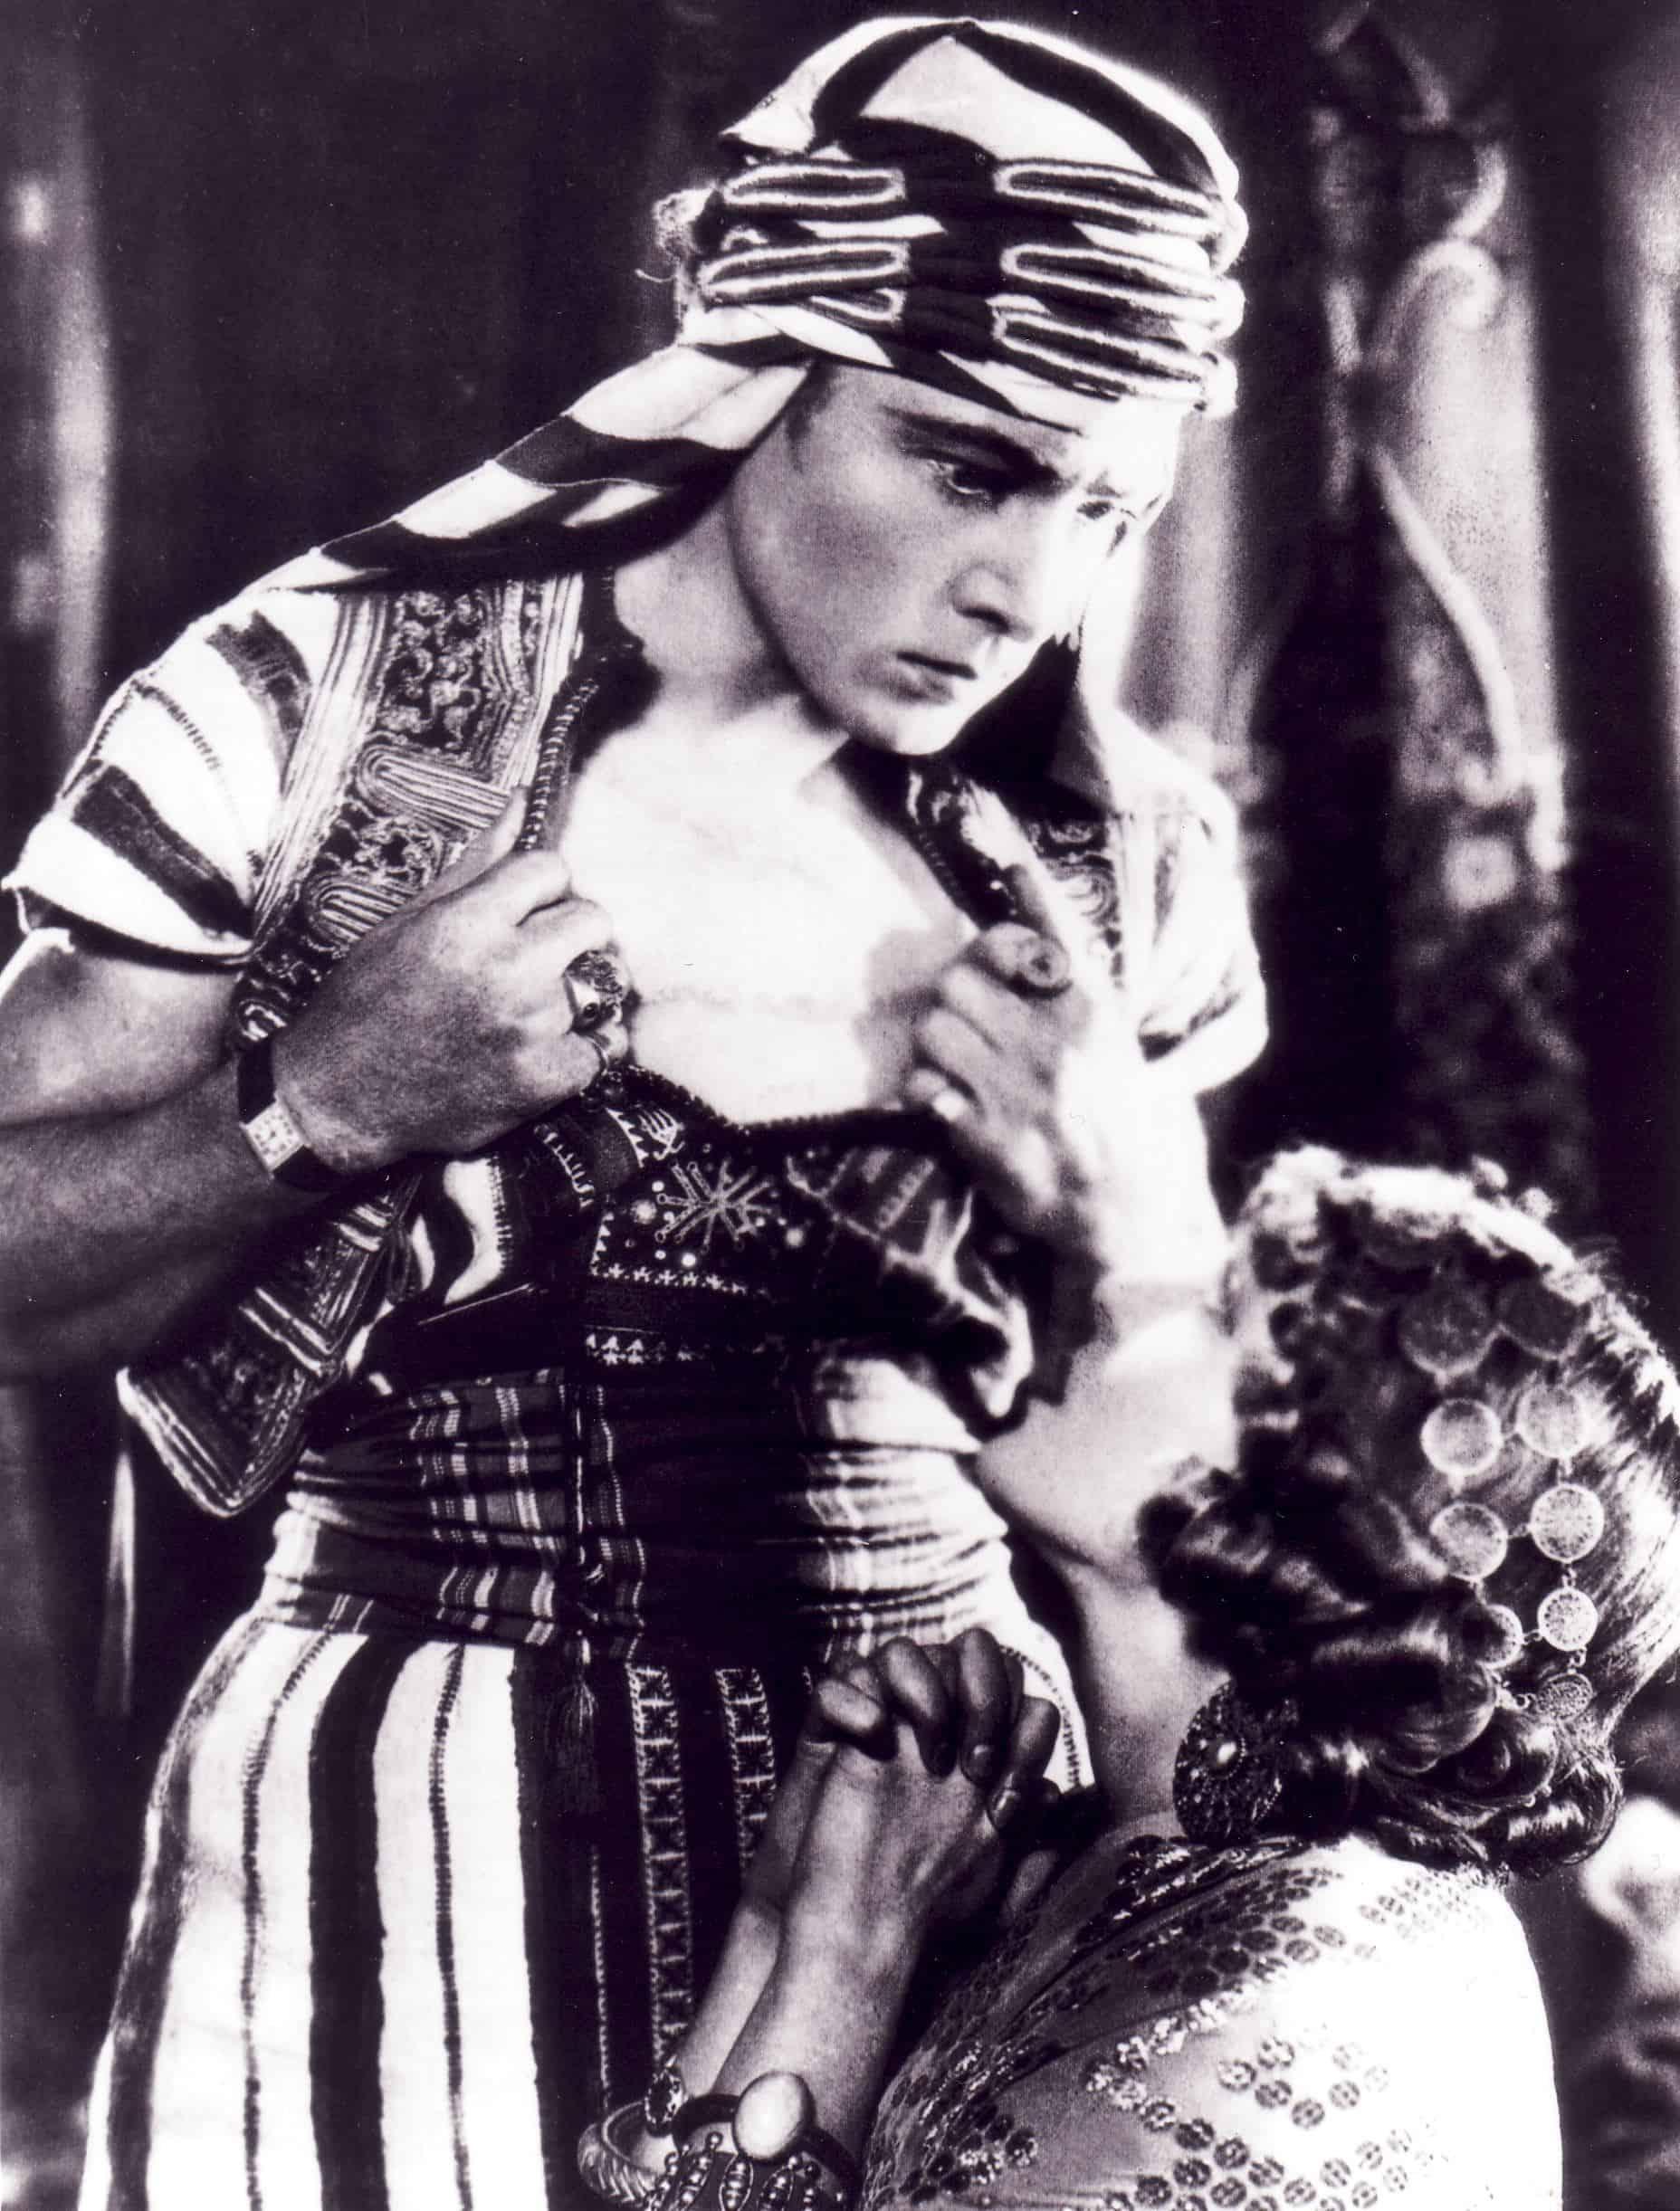 Rudolfo Valentino und seine Cartier Tank am Handgelenk